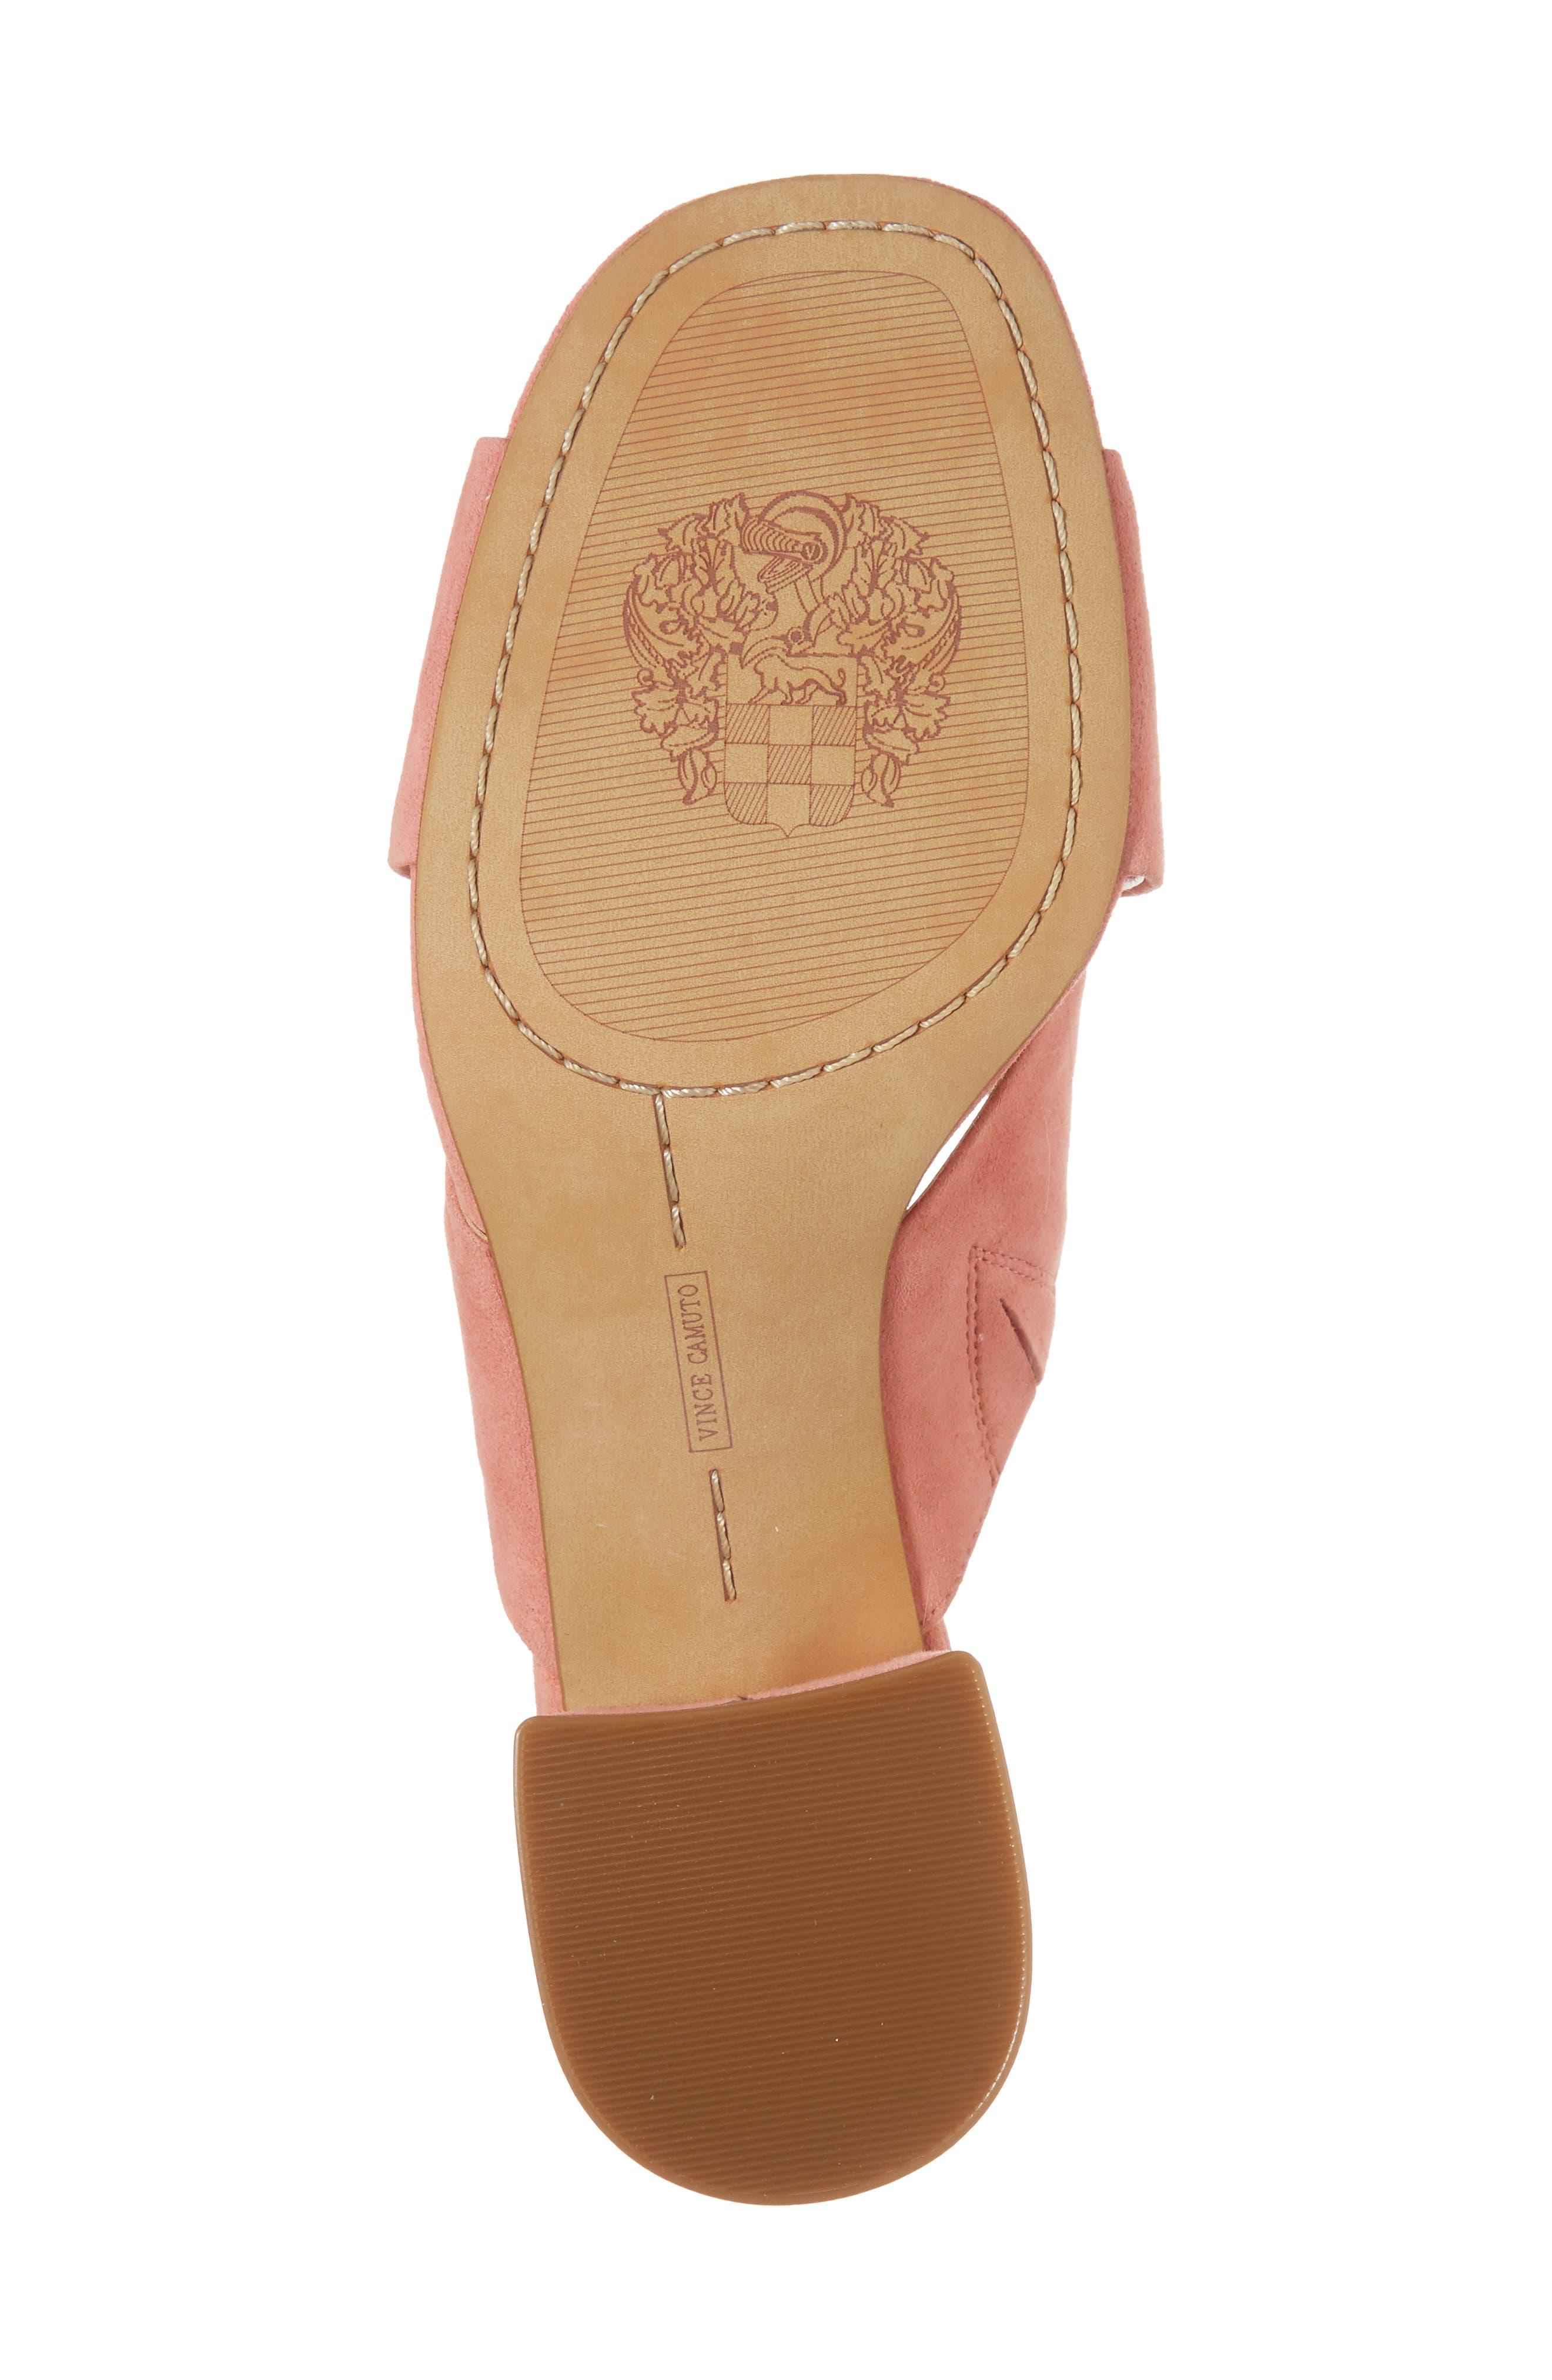 Stania Sandal,                             Alternate thumbnail 6, color,                             Fancy Flamingo Suede